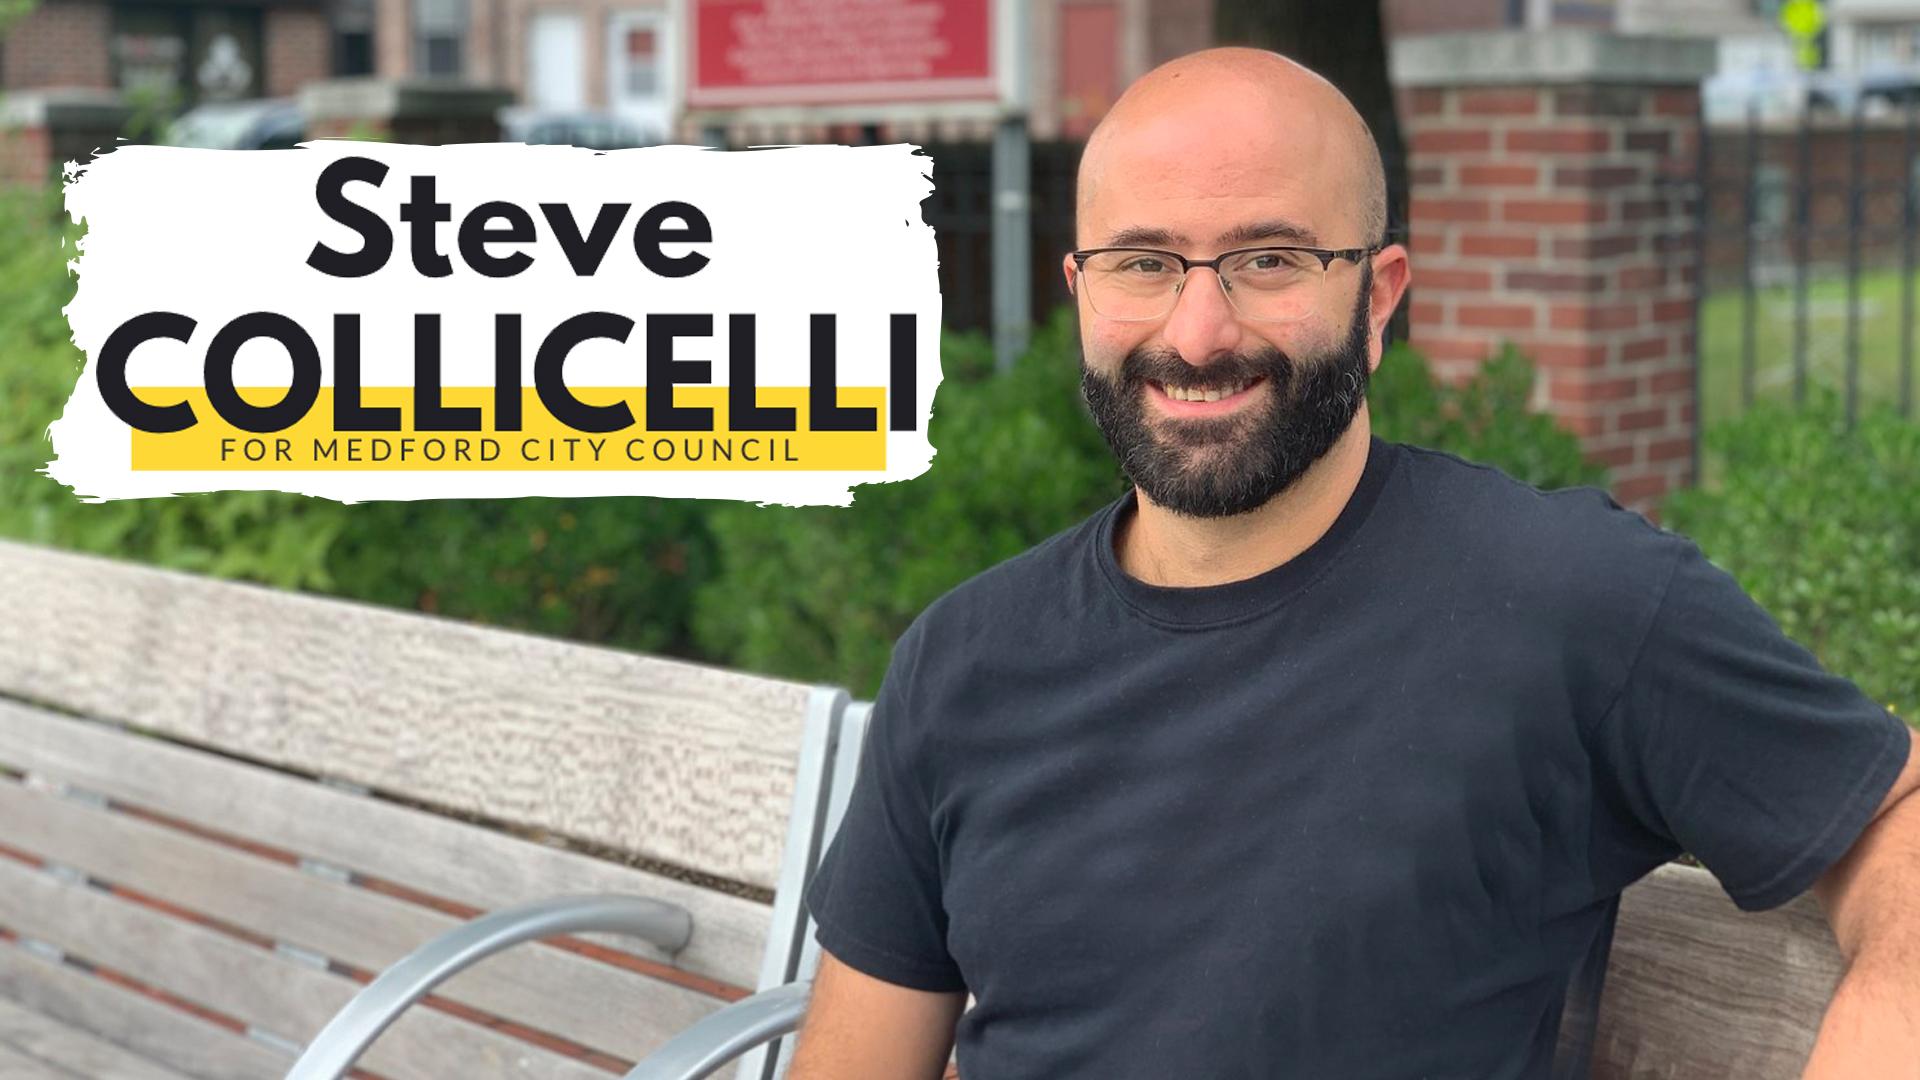 Steve Collicelli